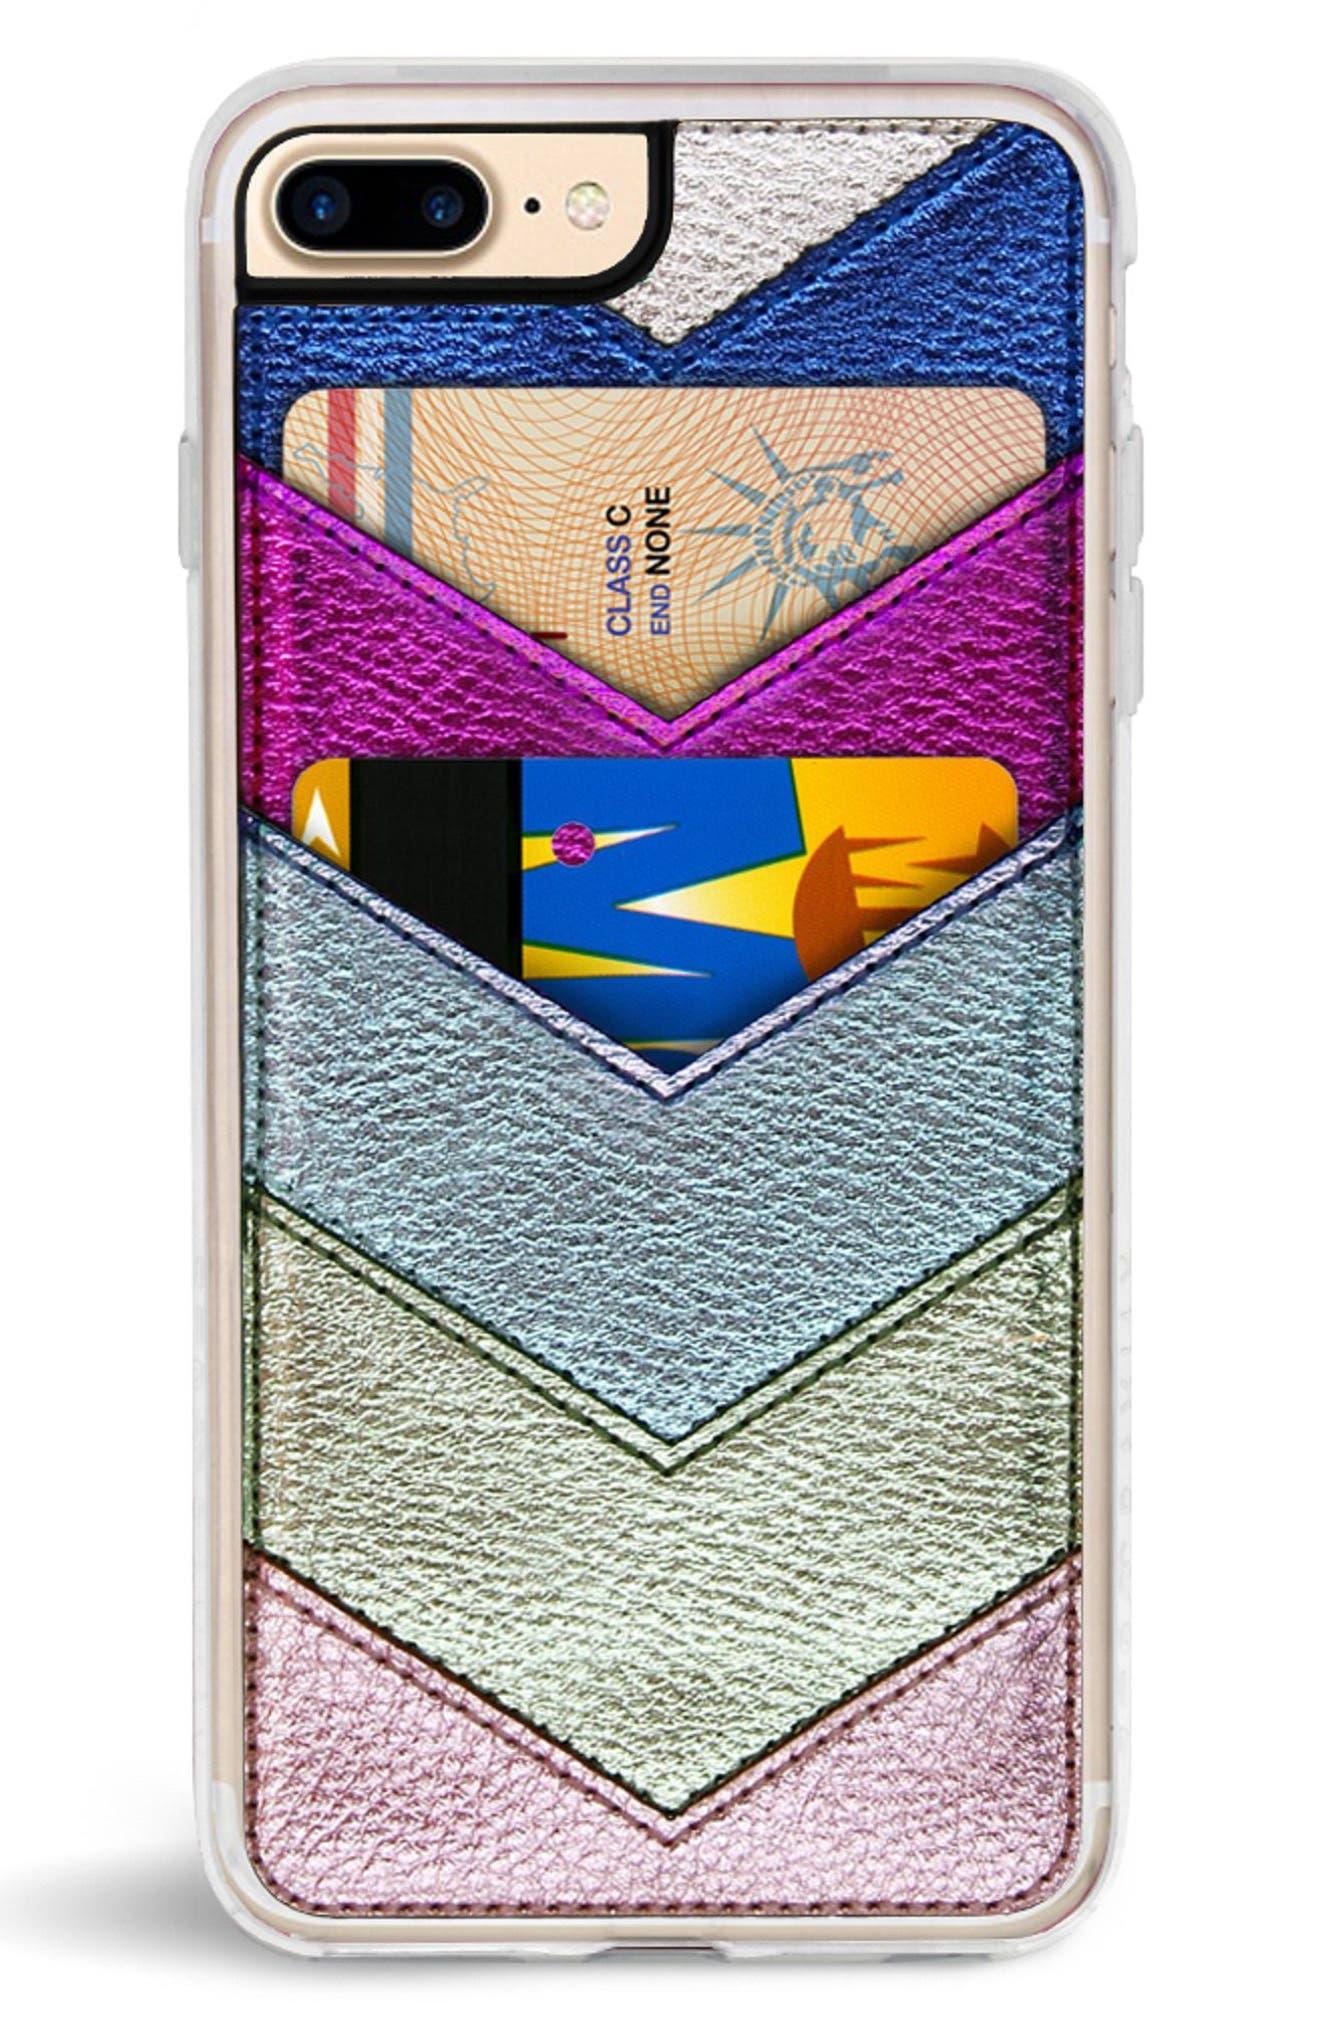 Chevron Faux Leather iPhone 6/6s/7/8 & 6/6s/7/8 Plus Case,                             Alternate thumbnail 6, color,                             650